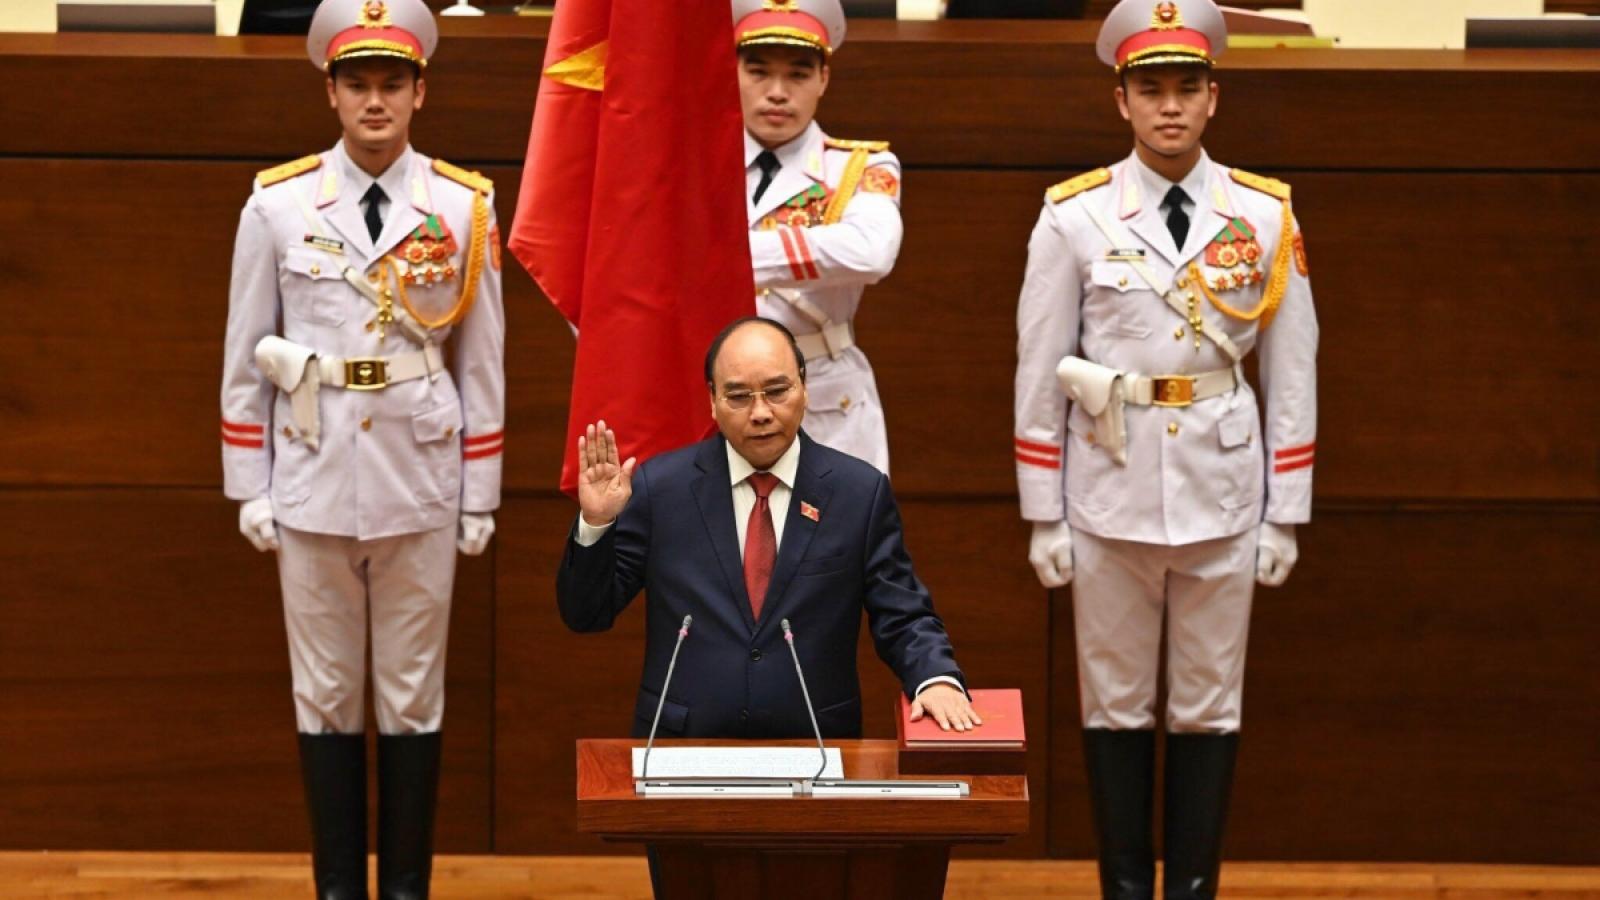 Lãnh đạo các nước điện đàm và gửi điện chúc mừng Chủ tịch nước và Thủ tướng Chính phủ